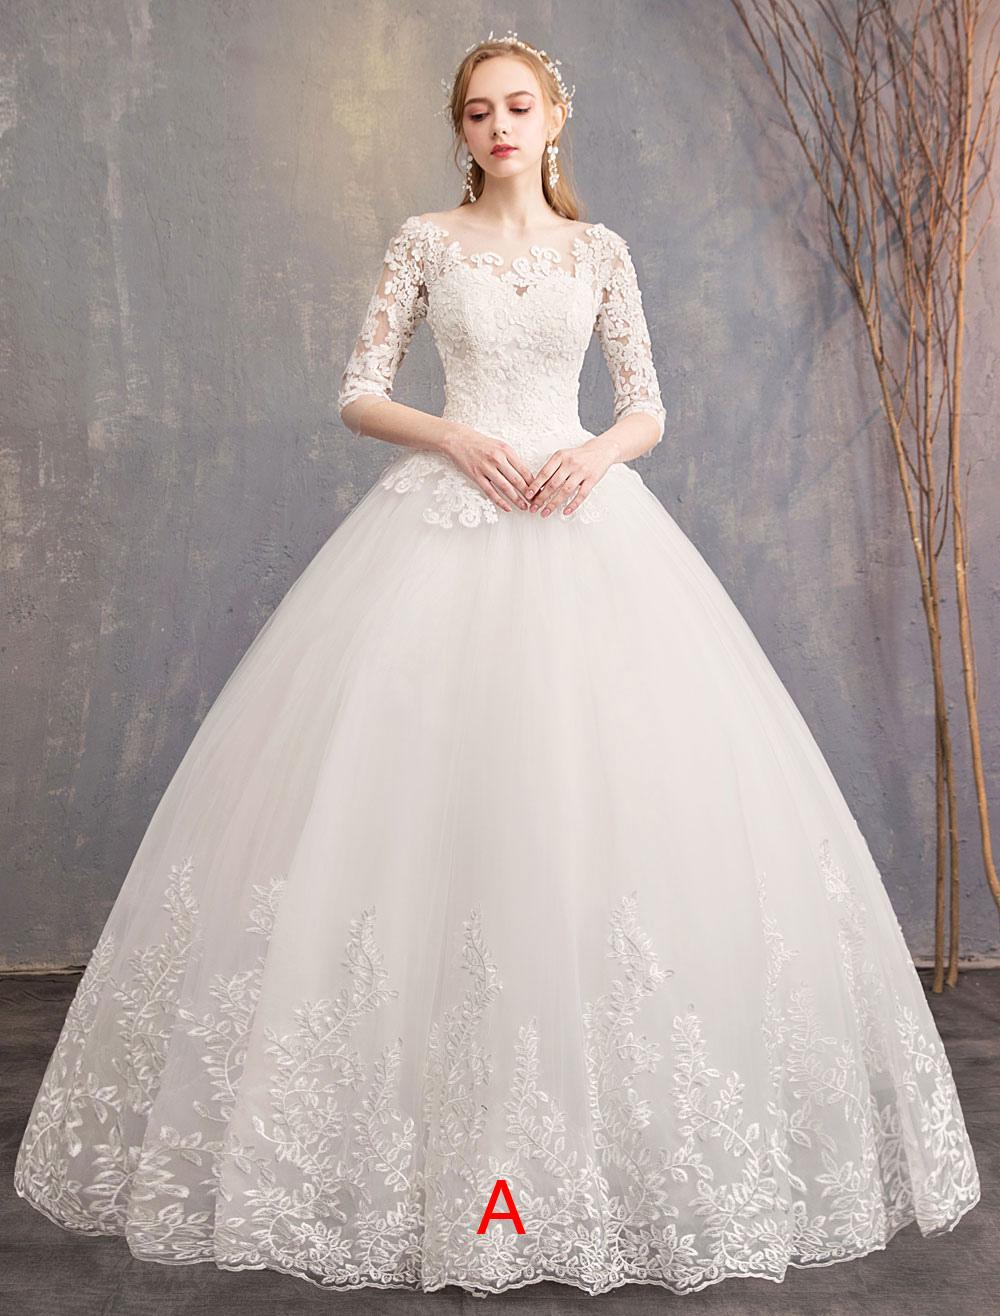 9c7e5c6e4 Vestidos de novia de princesa Encaje Ilusión Escote medio manga palabra de  longitud vestido de novia